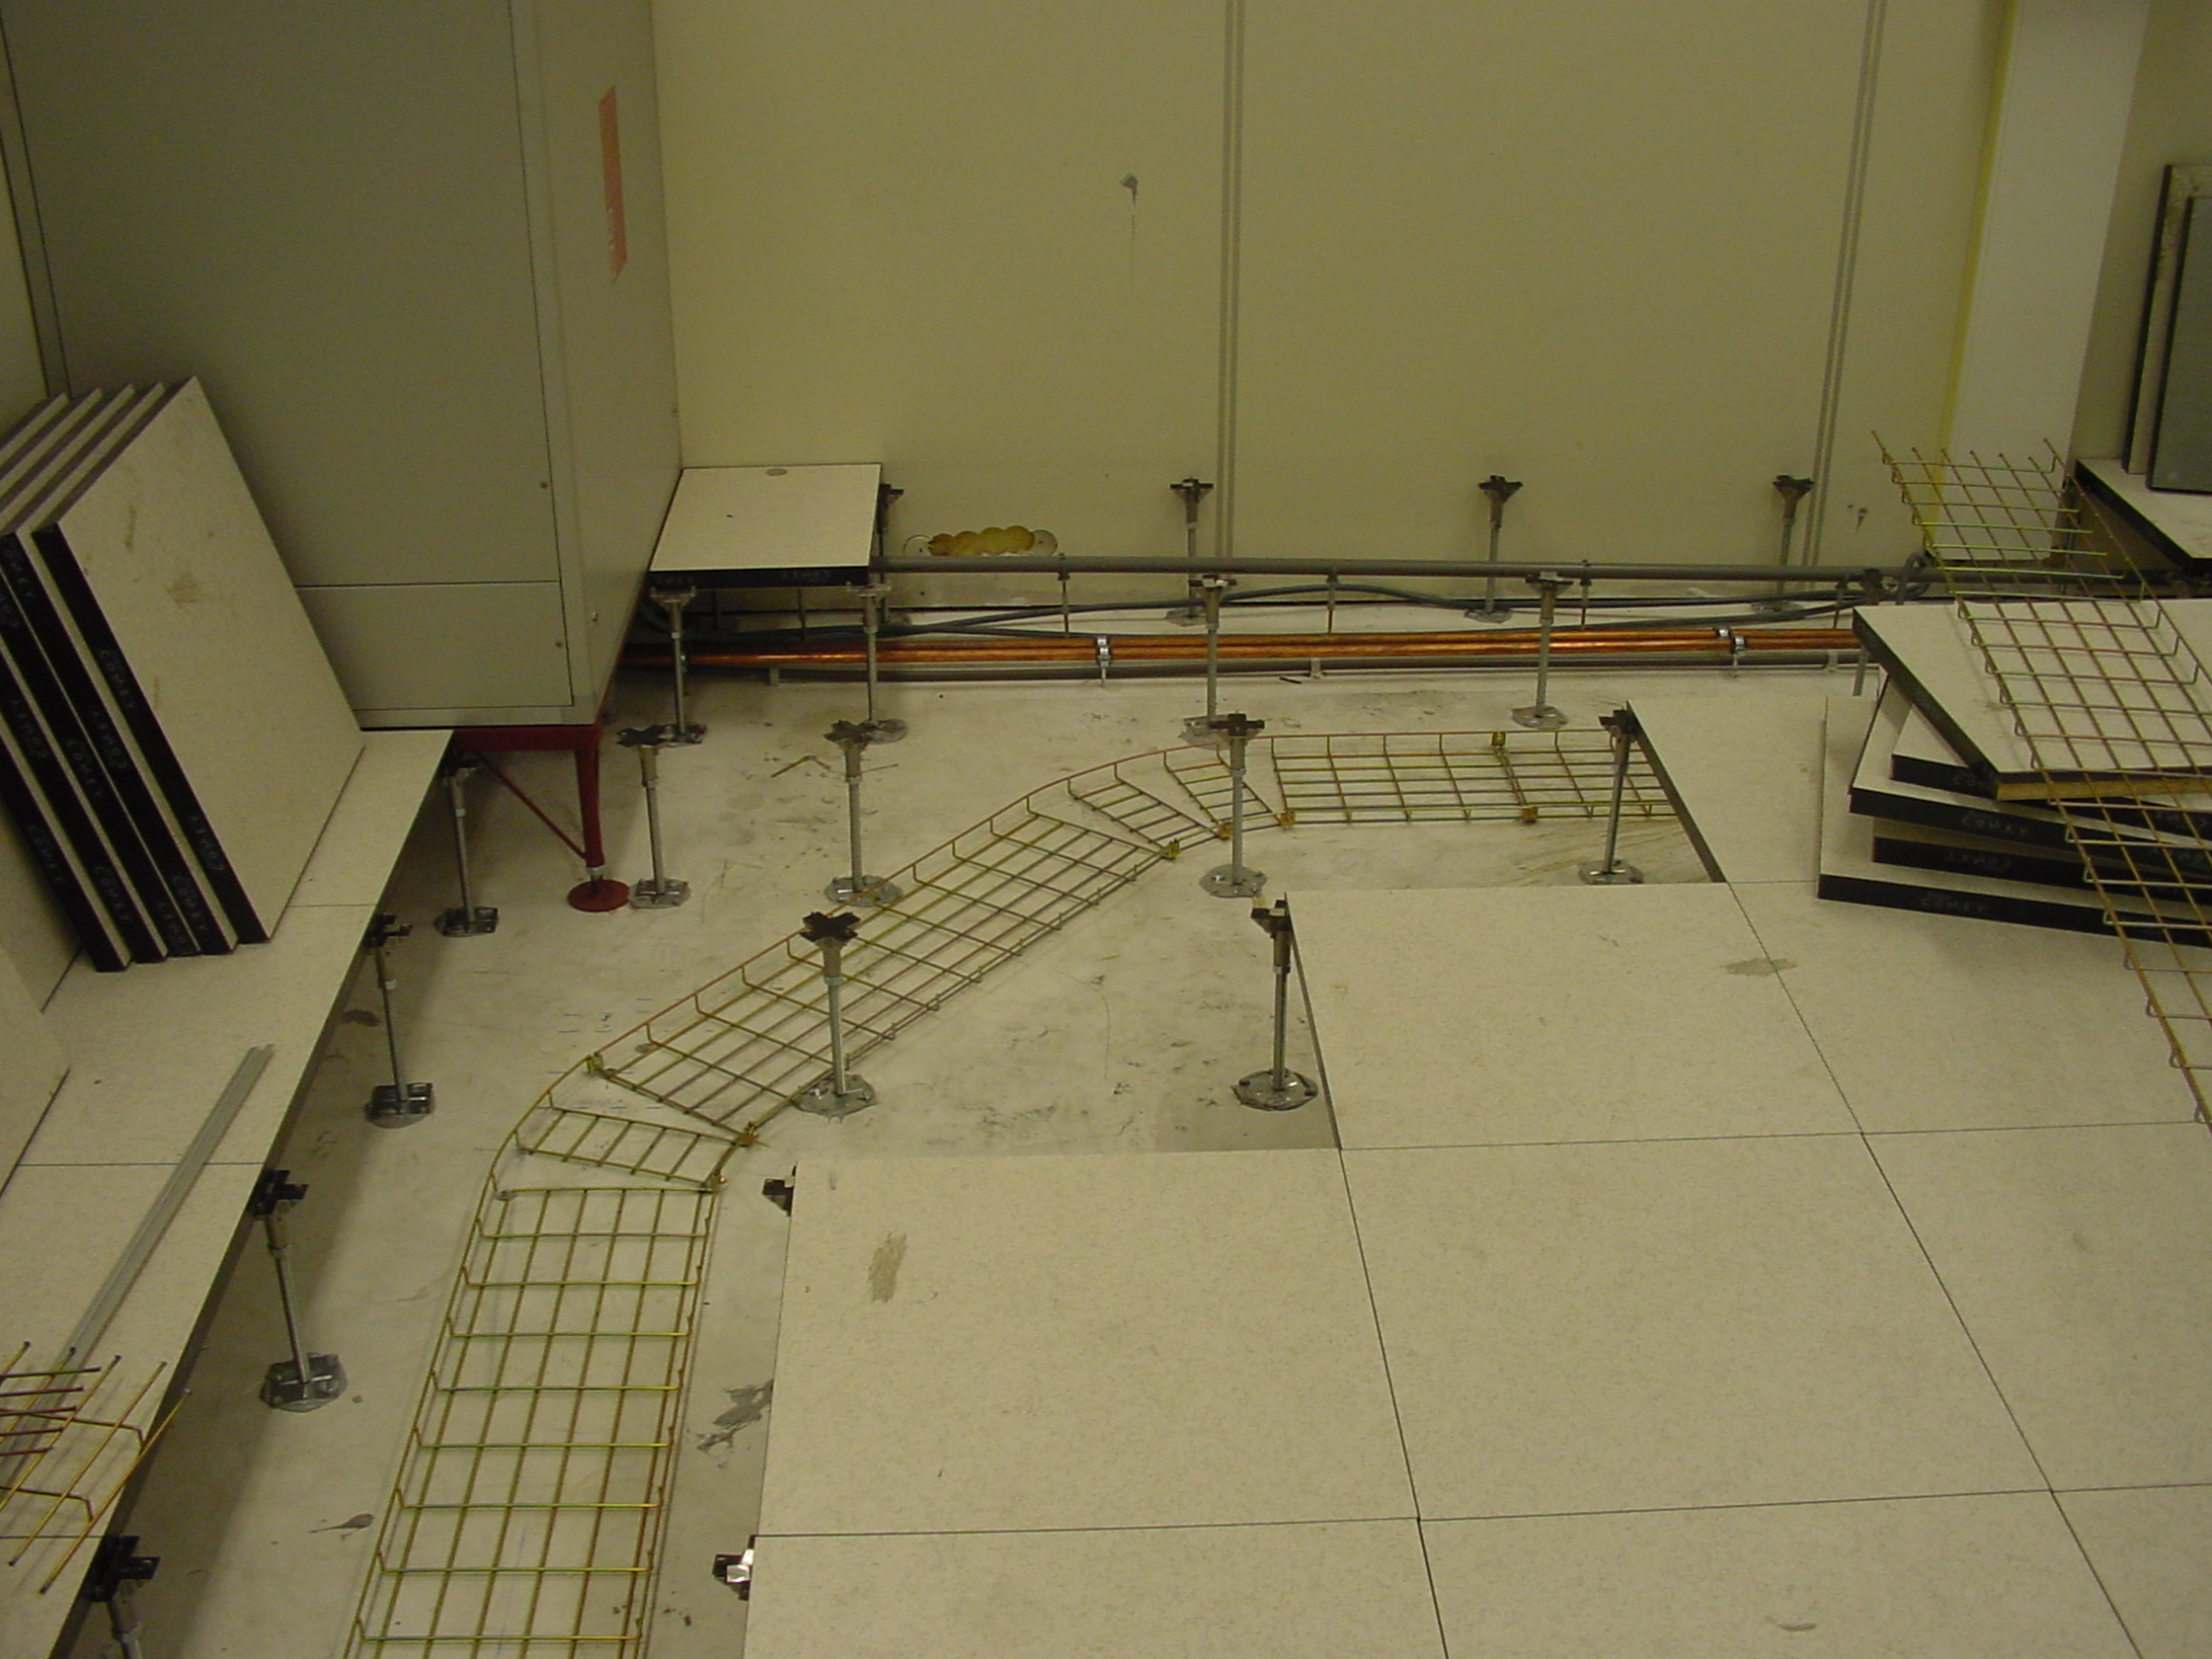 electricien bruxelles devis electricite depannage electrique en batiment g n rale maison. Black Bedroom Furniture Sets. Home Design Ideas